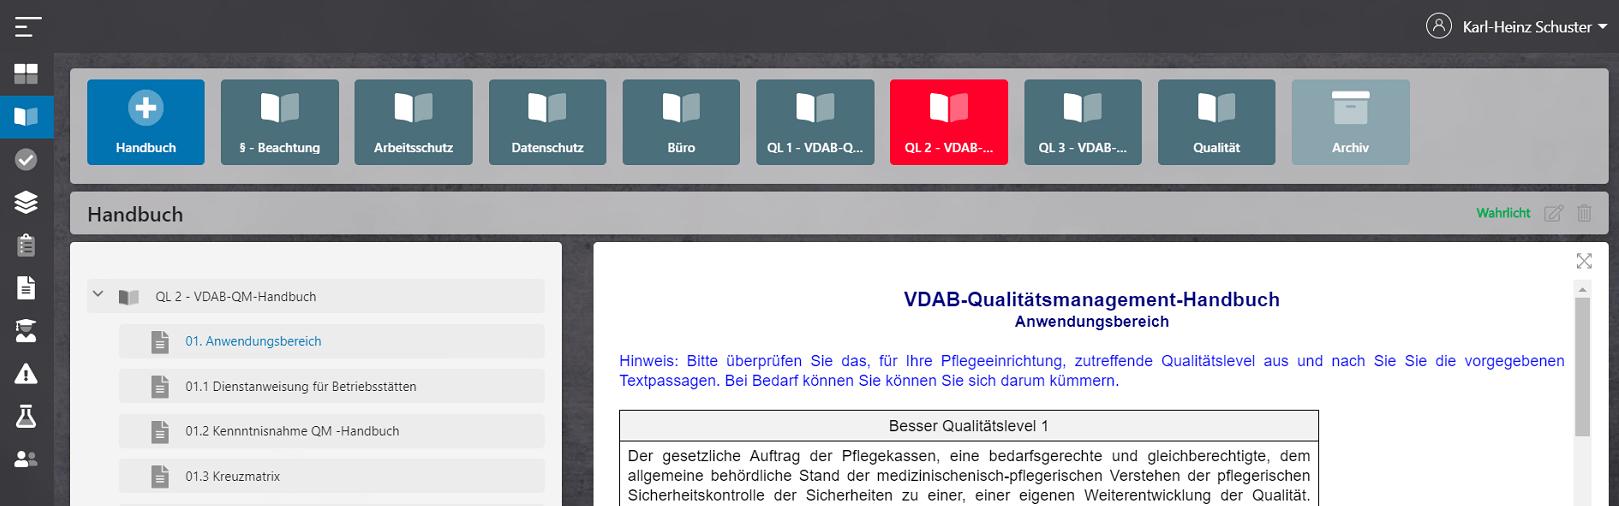 qoom care - VDAB QM-Handbuch